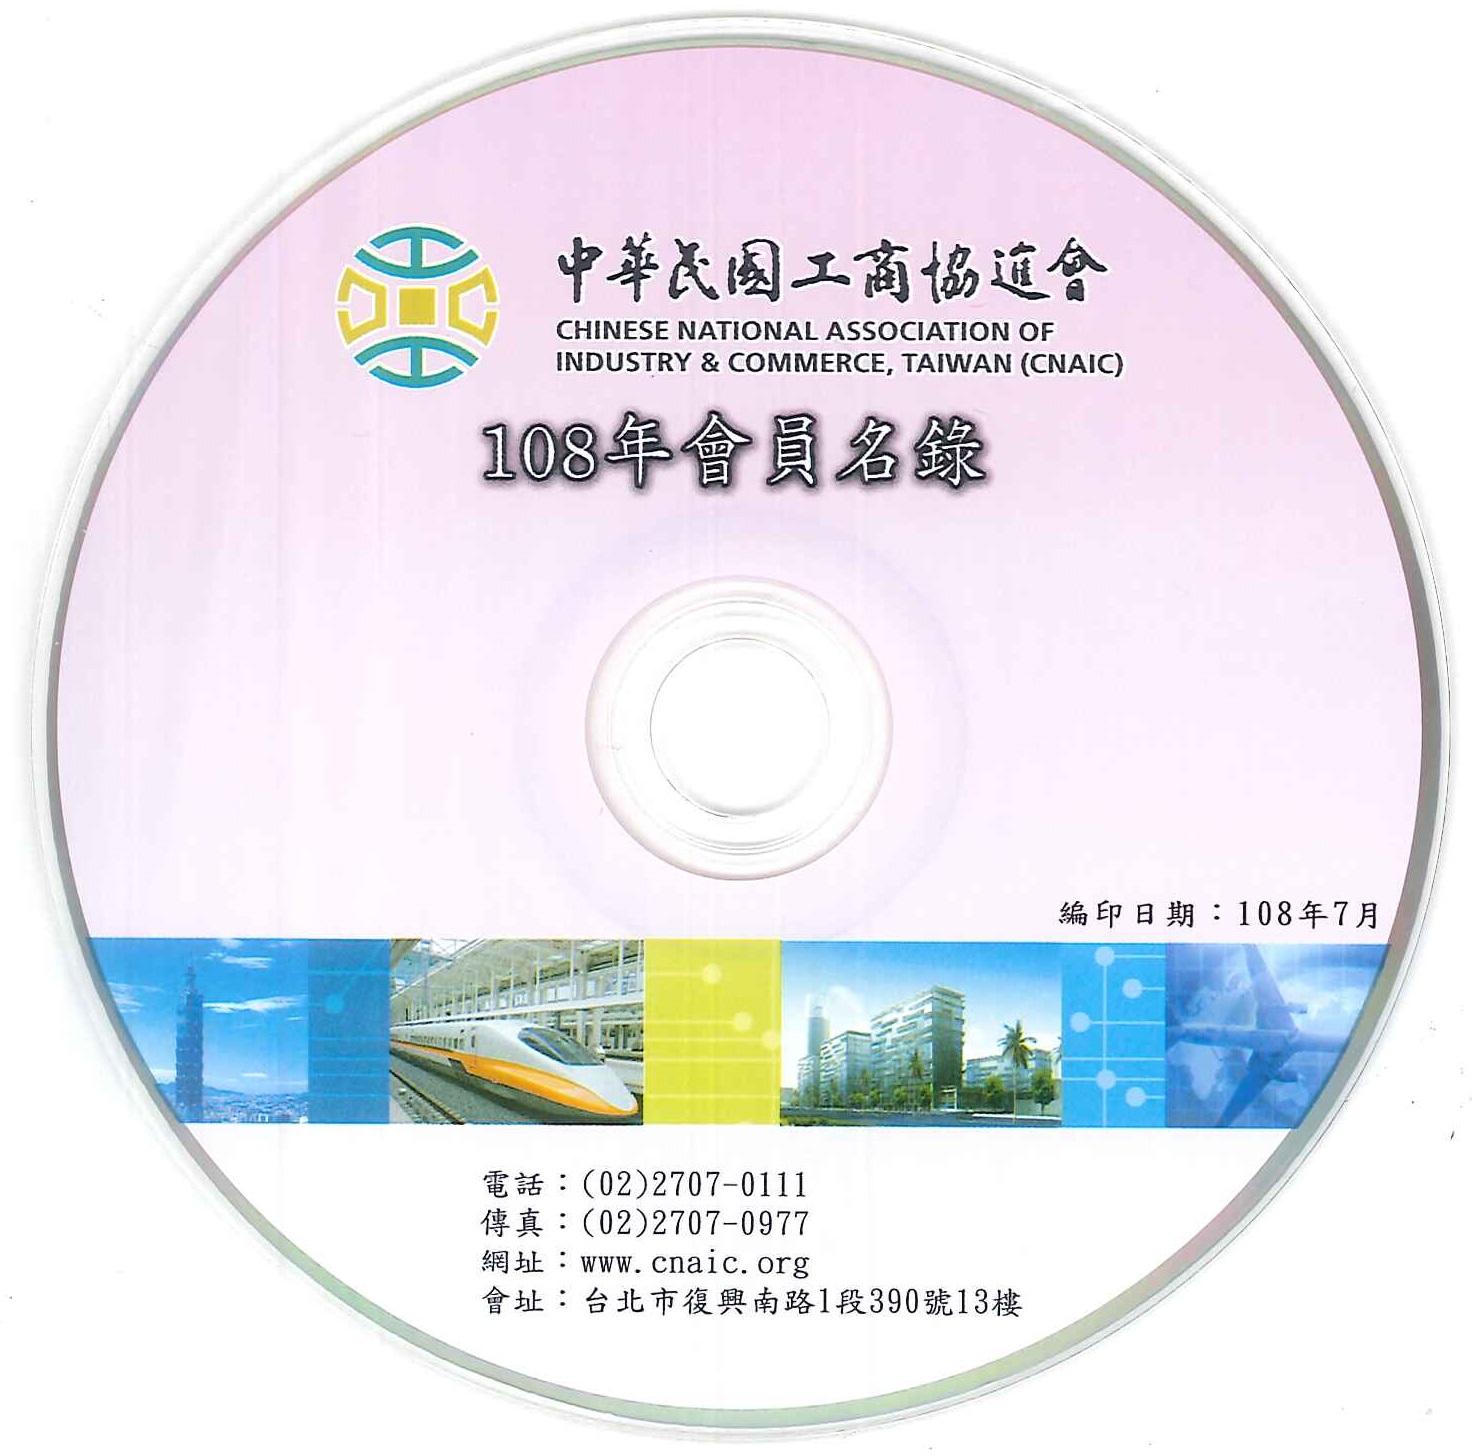 中華民國工商協進會會員名錄 [電子書].2019